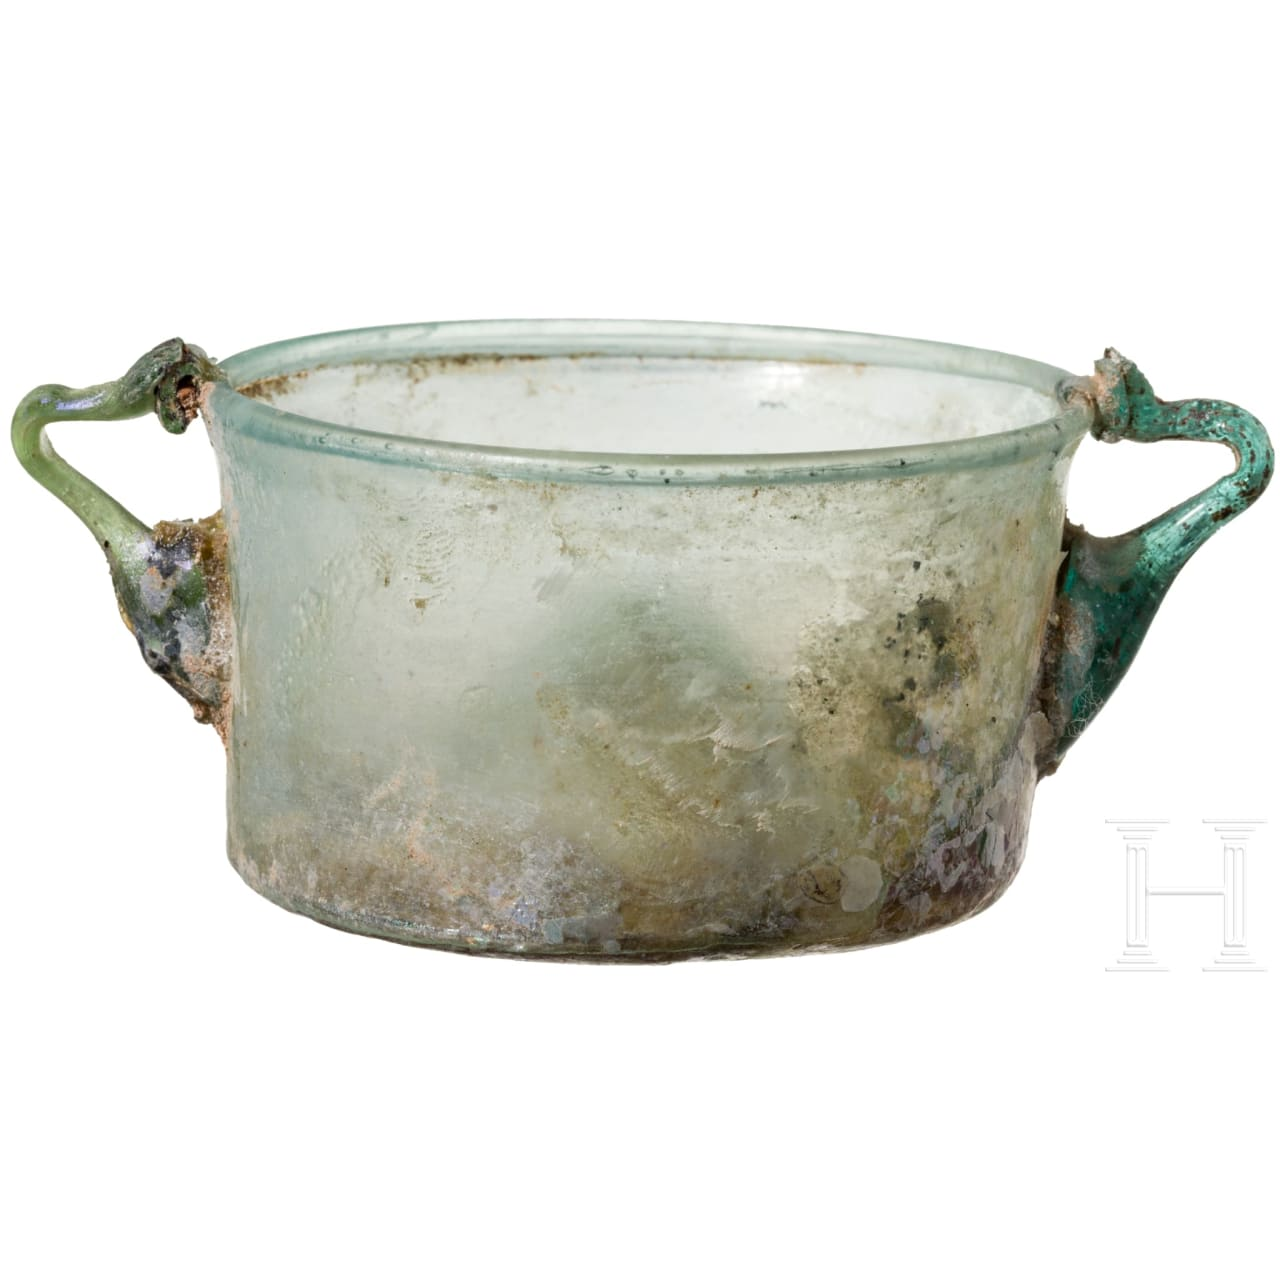 Feiner zweihenkliger Glasbecher, römisch, 2. - 3. Jhdt.